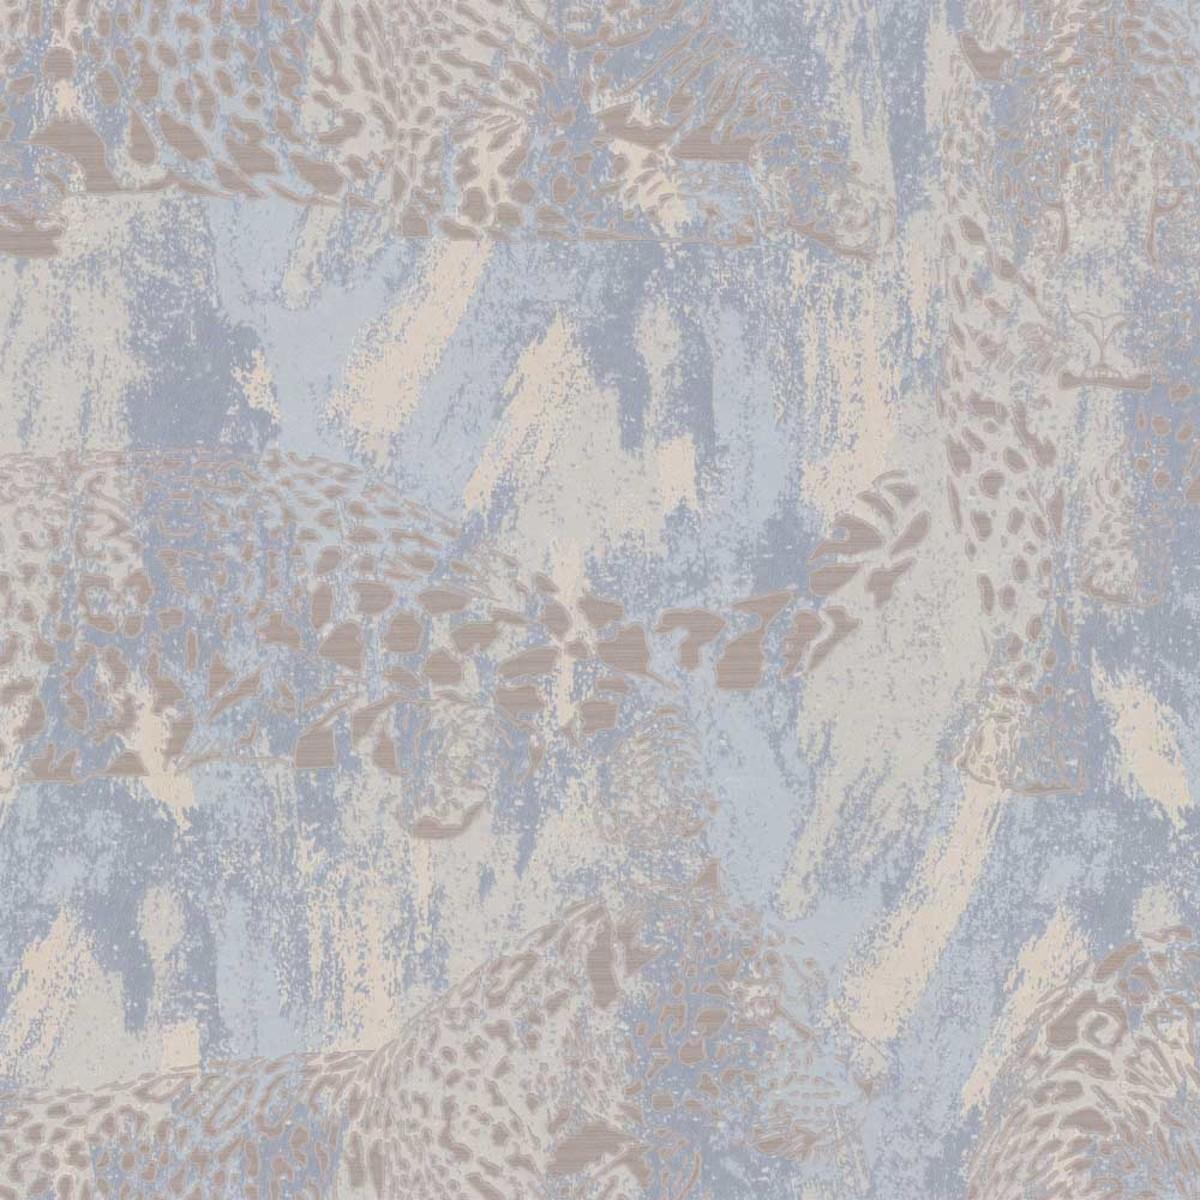 Обои флизелиновые Палитра Irbis голубые PL71435-46 1.06 м